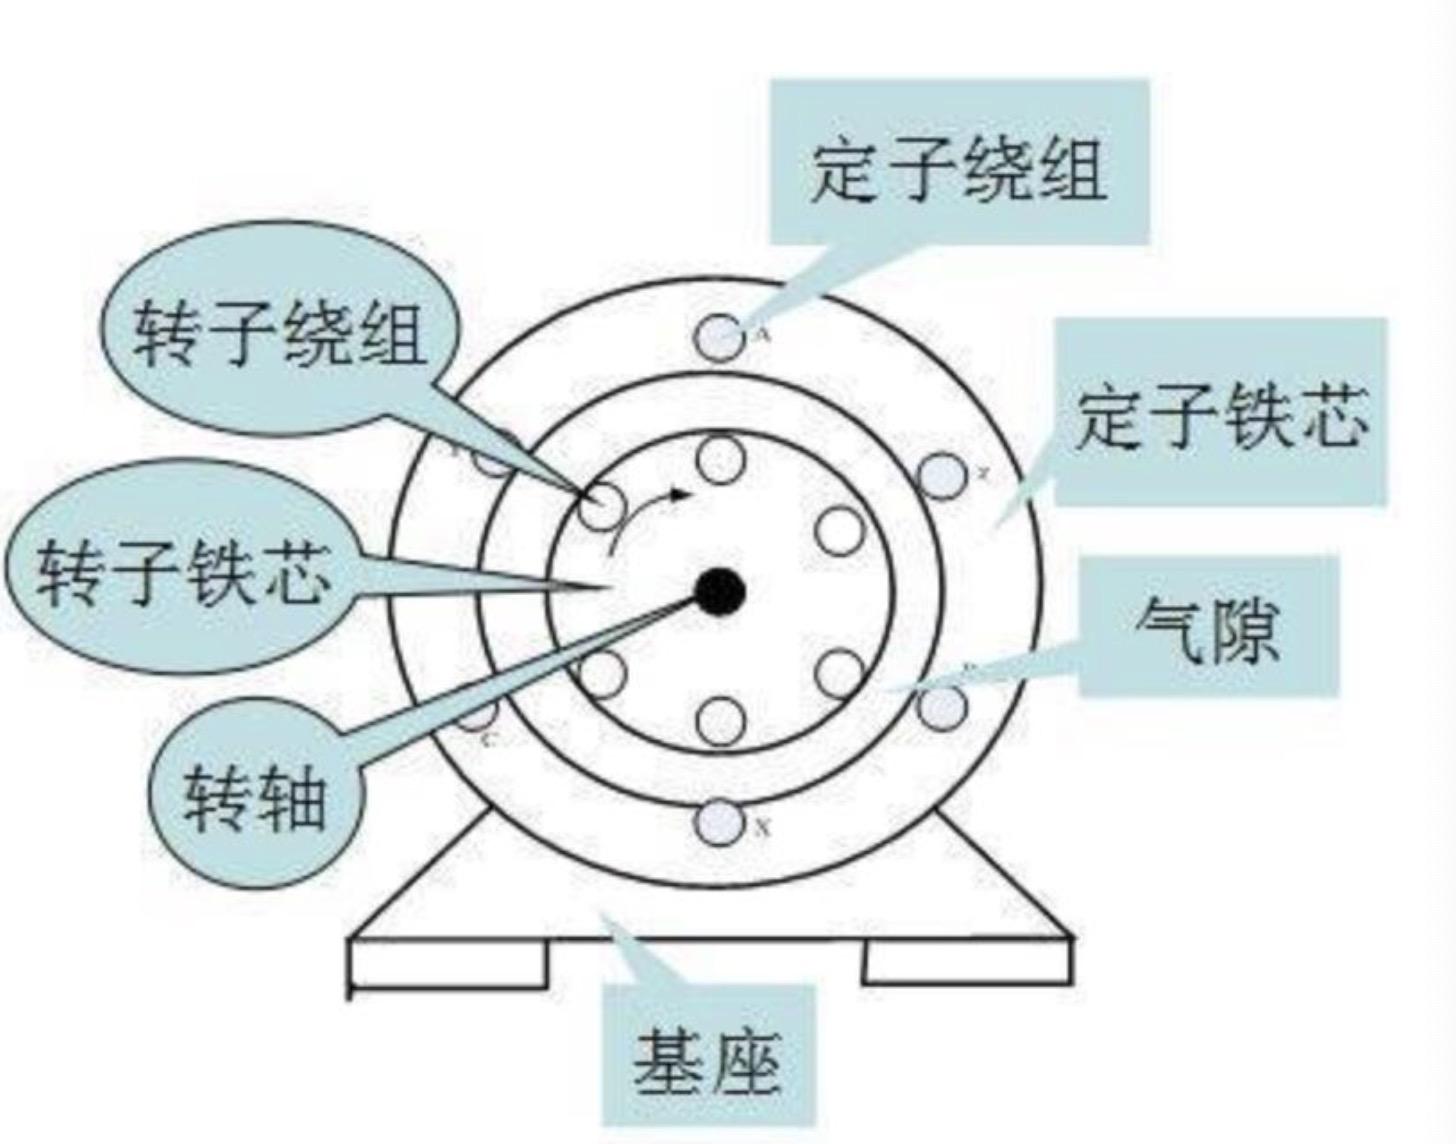 异步电动机故障_三相异步鼠笼式电动机的工作原理_百度知道